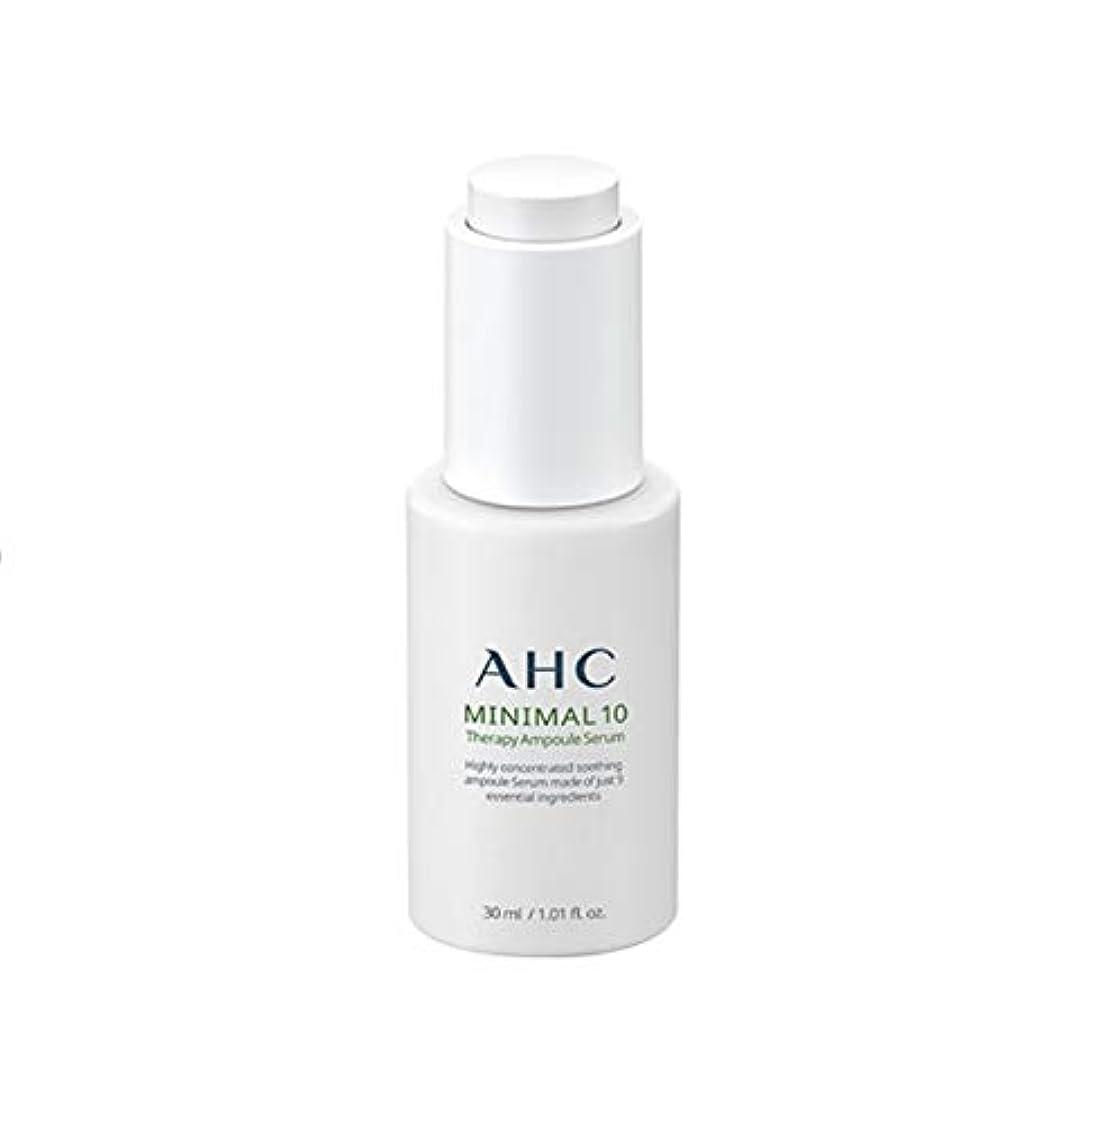 乳白色海岸聖書AHC ミニマル 10 テラピーアンプルセラム 30ml / AHC MINIMAL 10 THERAPY AMPOULE SERUM 30ml [並行輸入品]